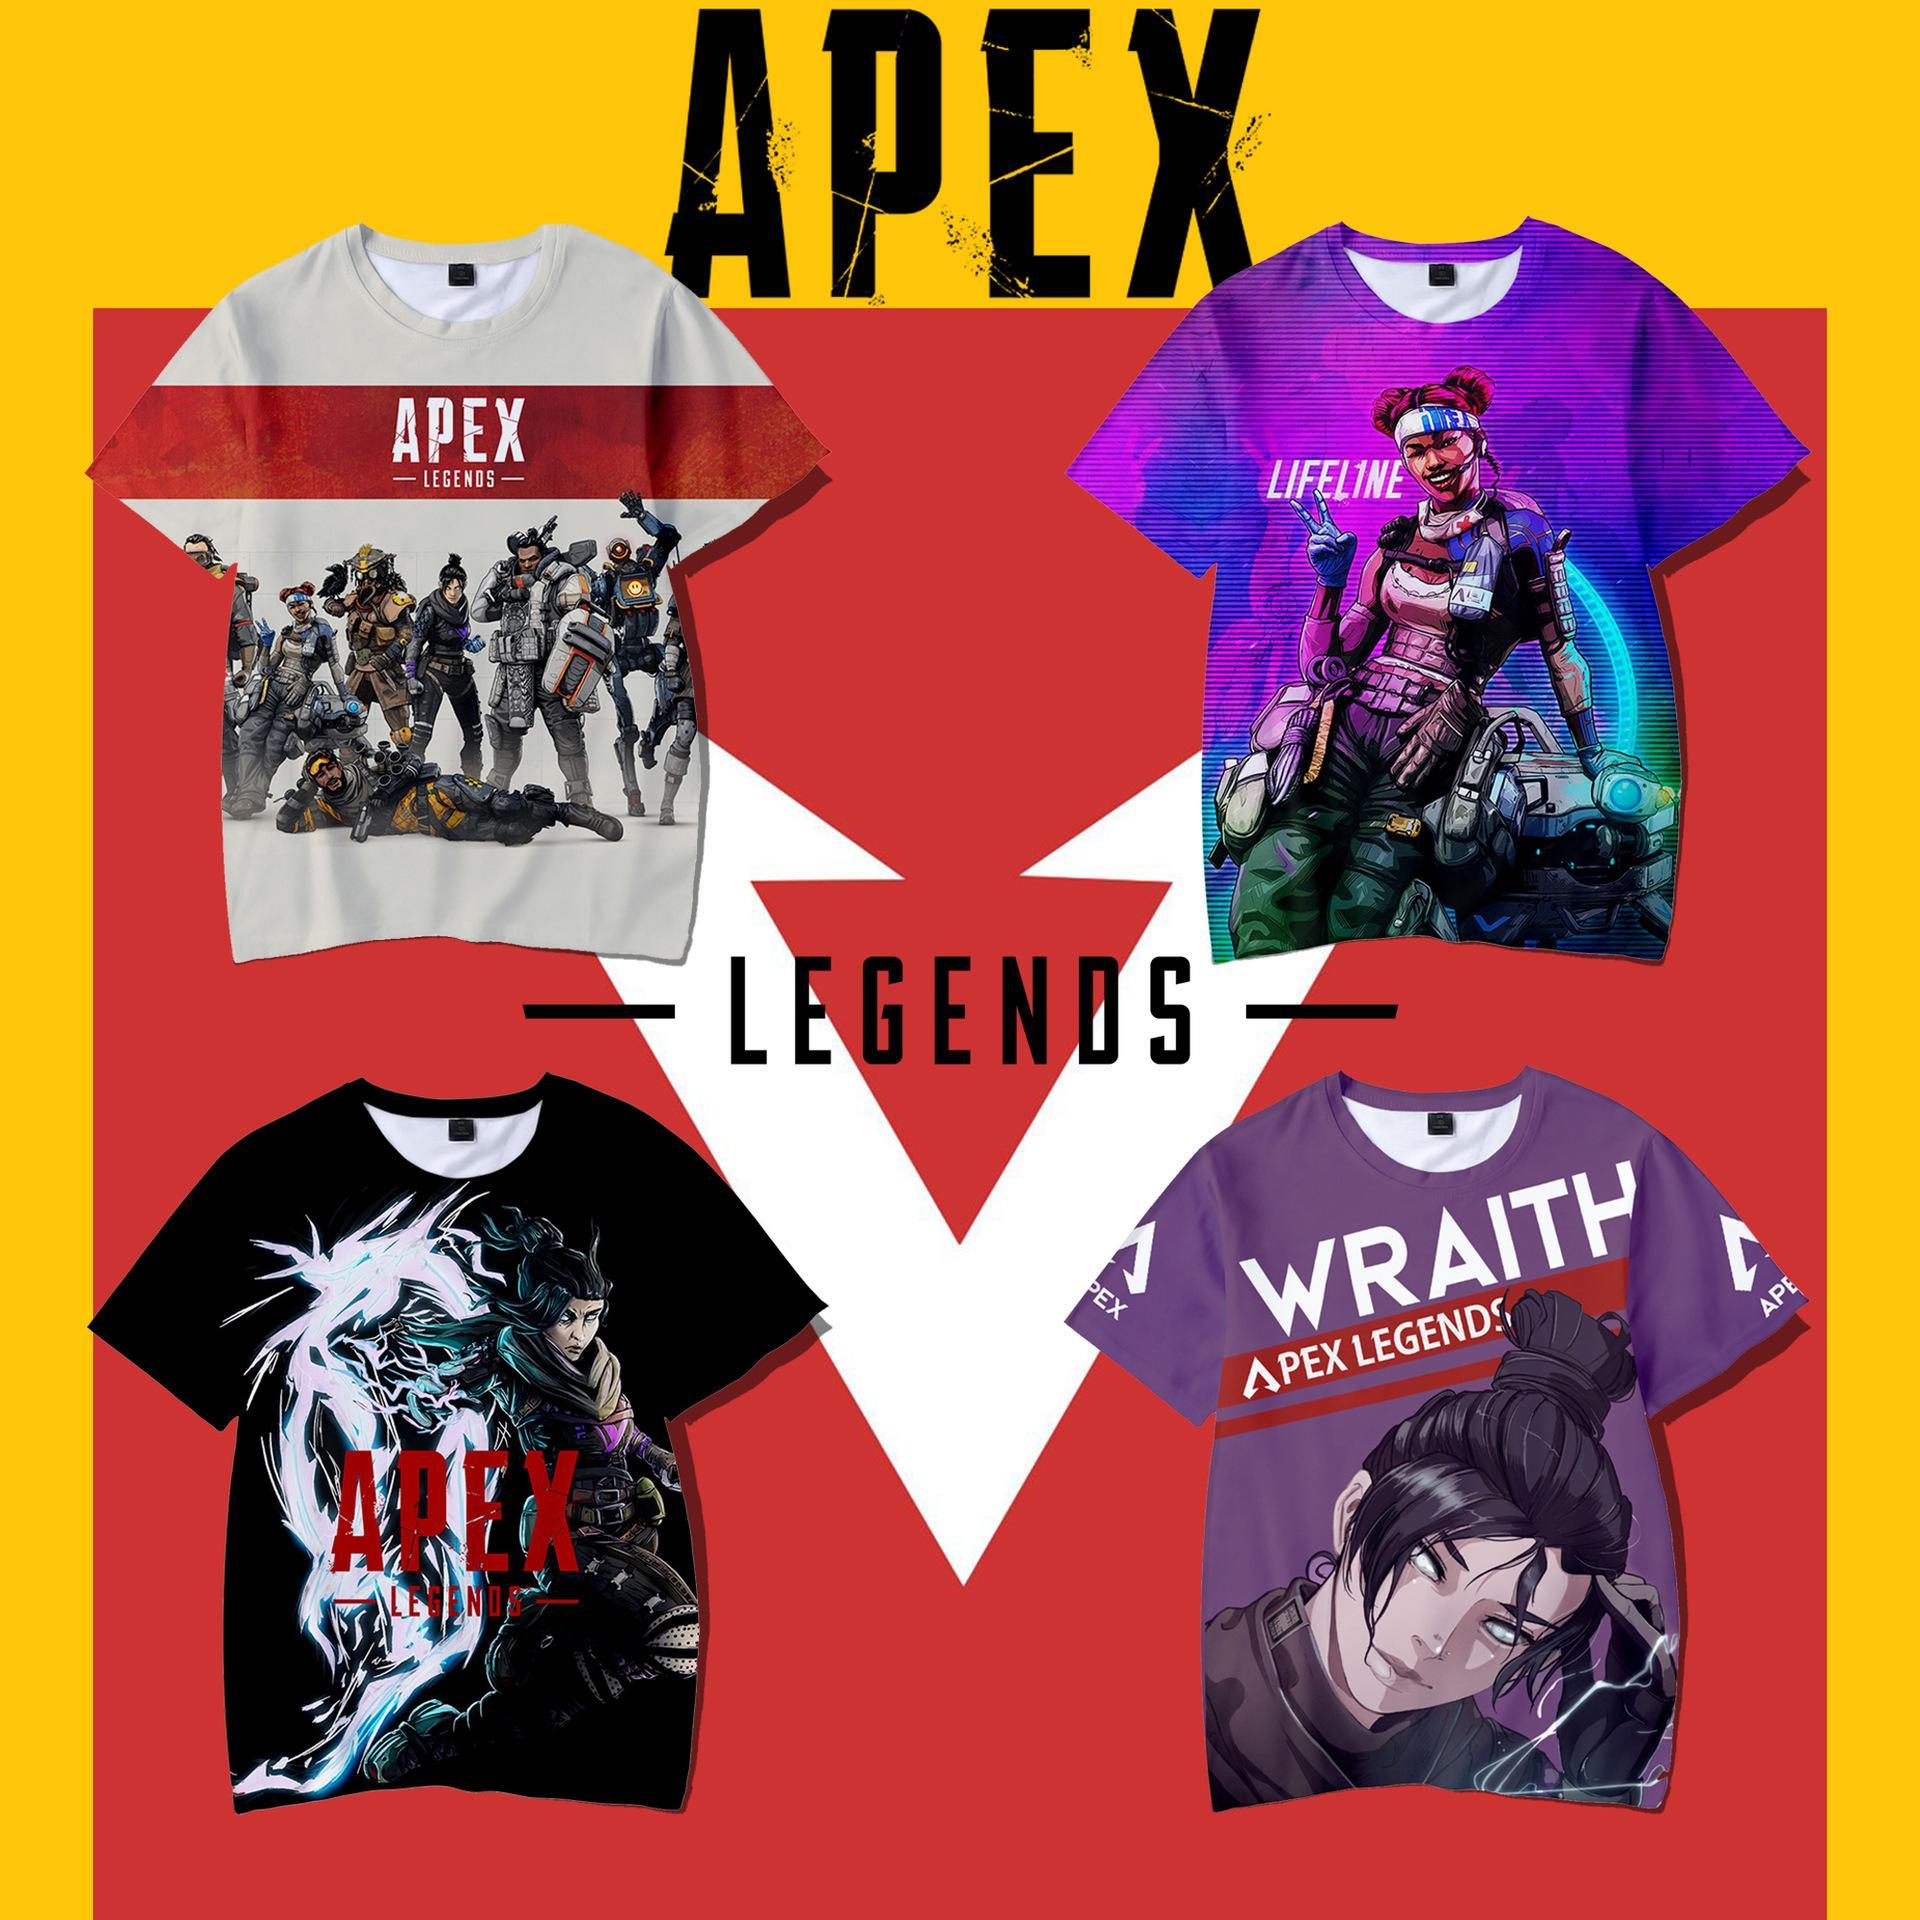 Schmuck & Zubehör Neue 3d T-shirt Apex Legends Heißer Spiel Rundhals Männer/frauen Sommer Casual T-shirt Sweatshirts Apex Legends 3d T-shirt